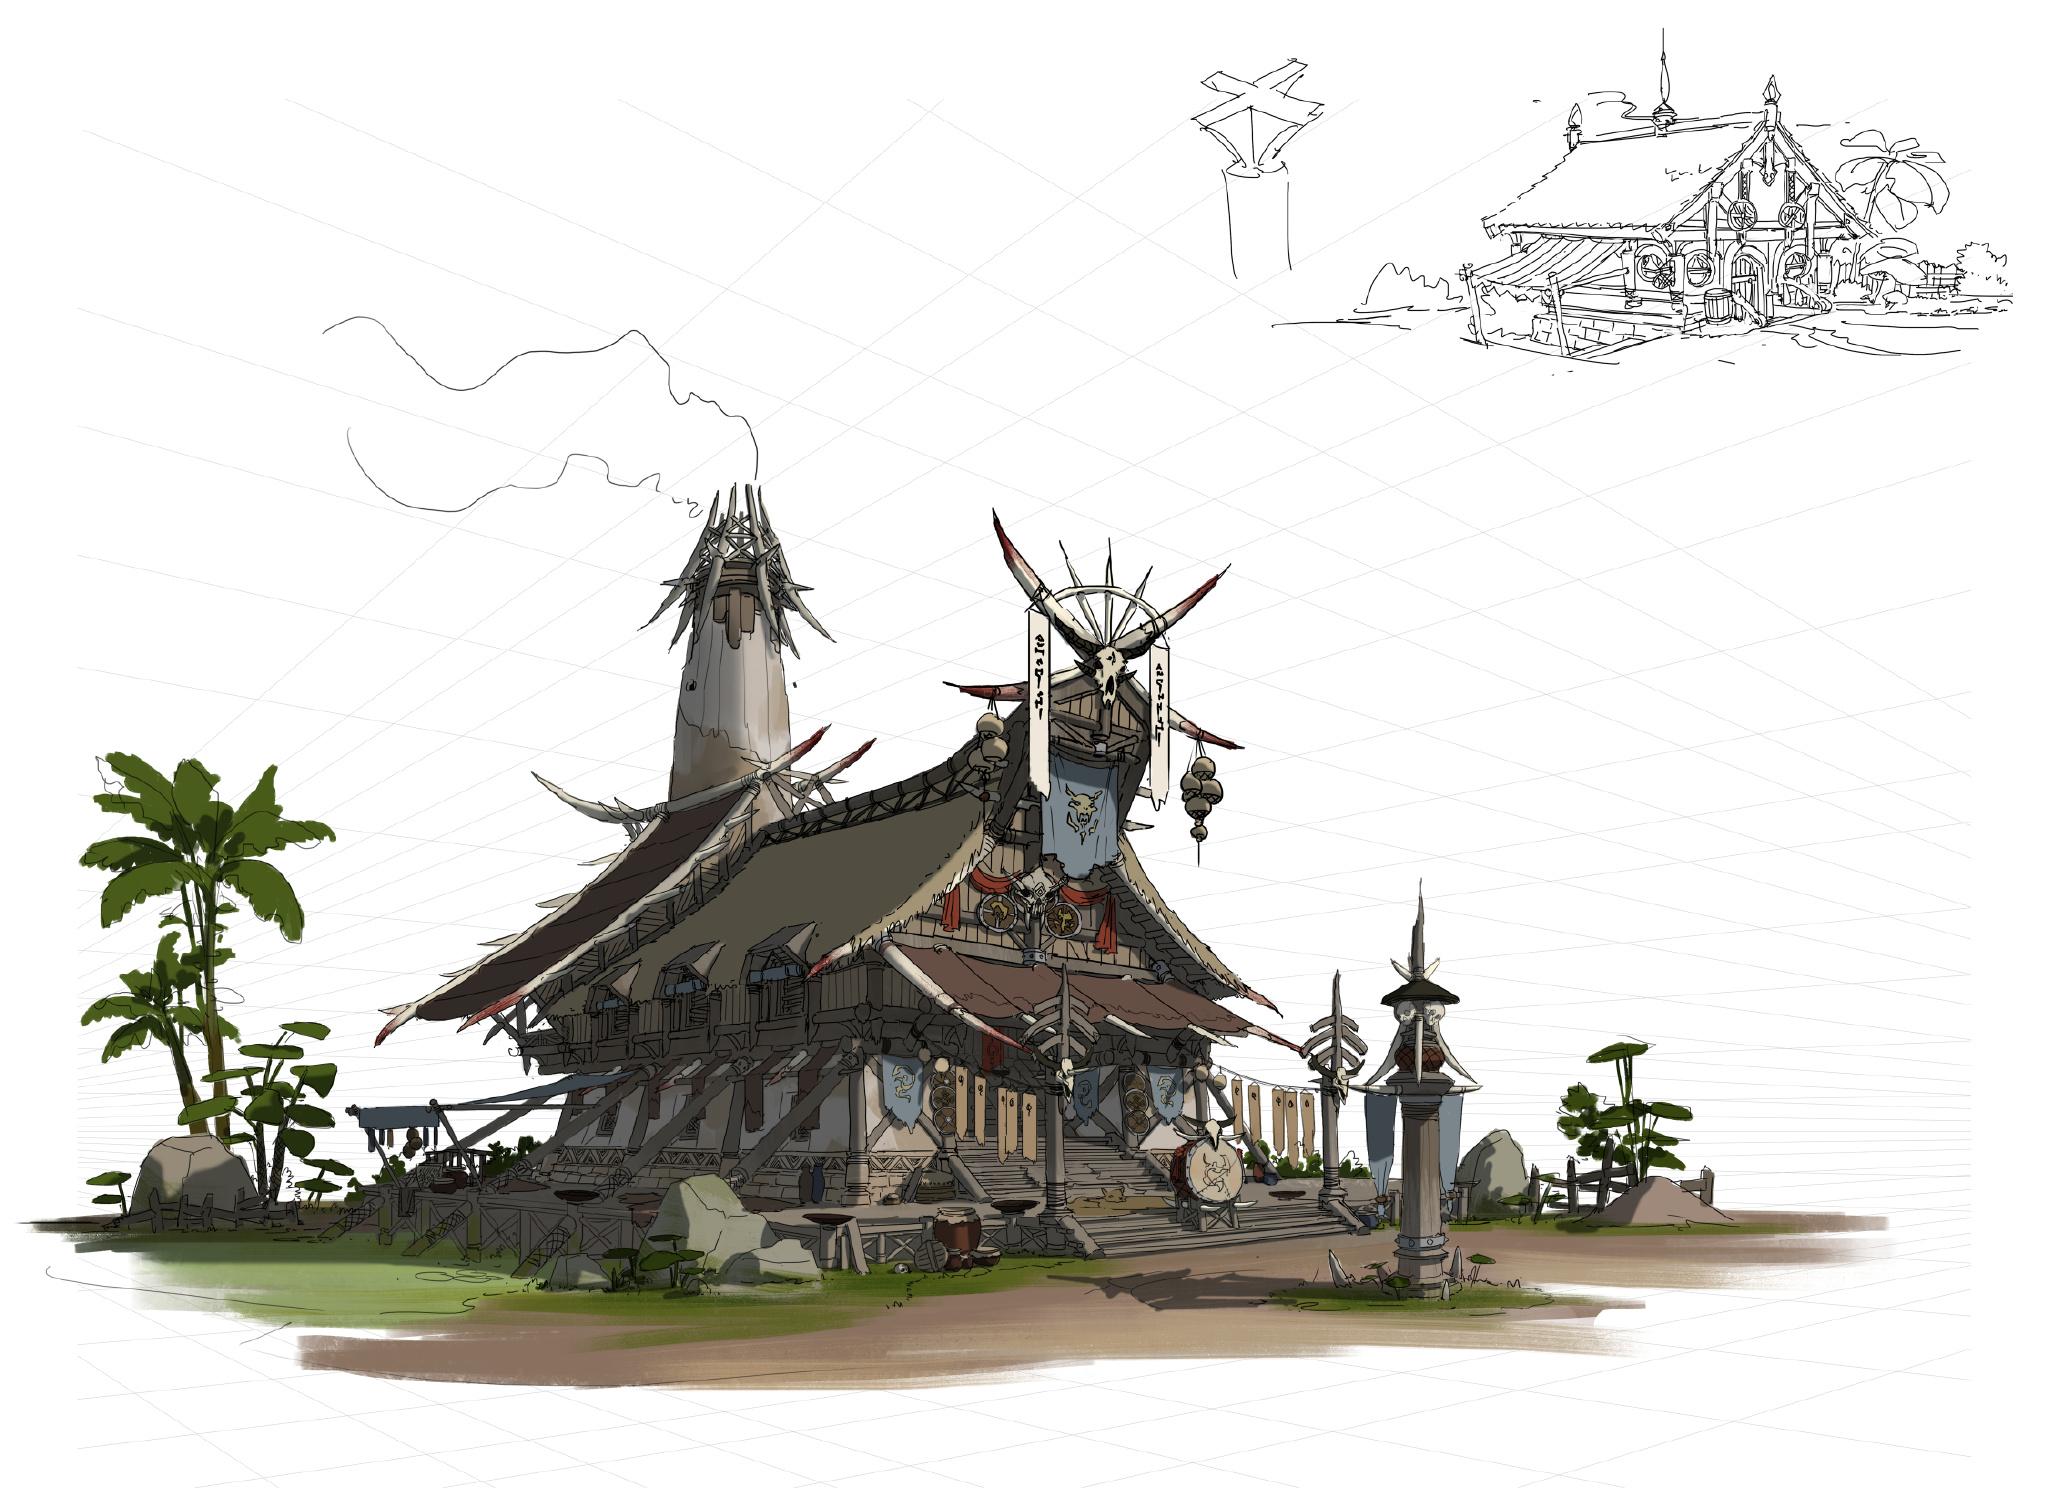 游戏原画场景设计 部落建筑详细过程图7